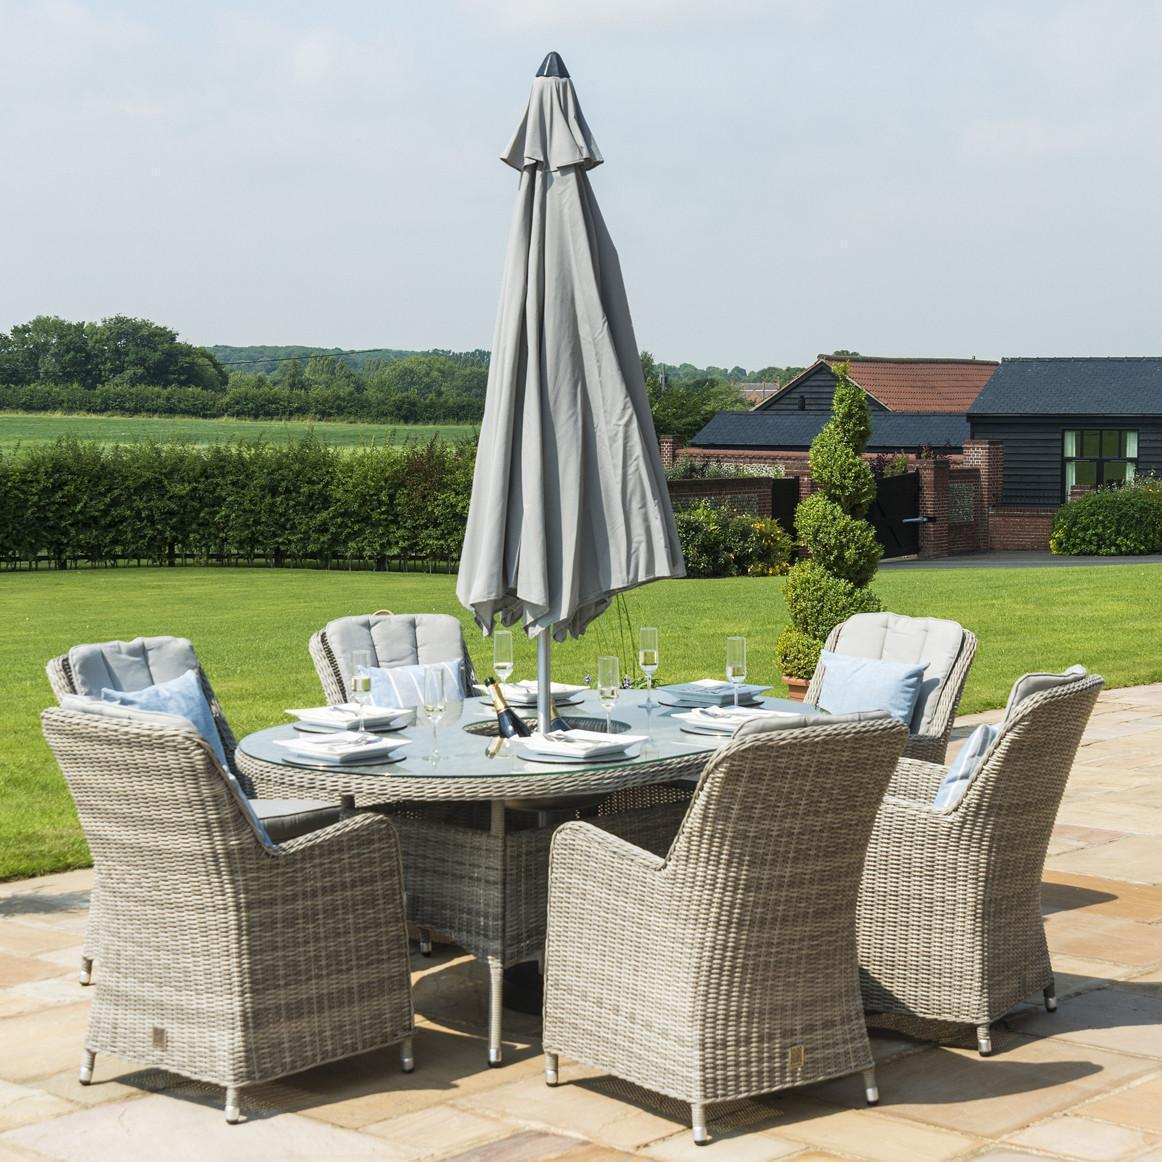 6 Seat Oval Garden Dining Table - Ice Bucket - Umbrella ...